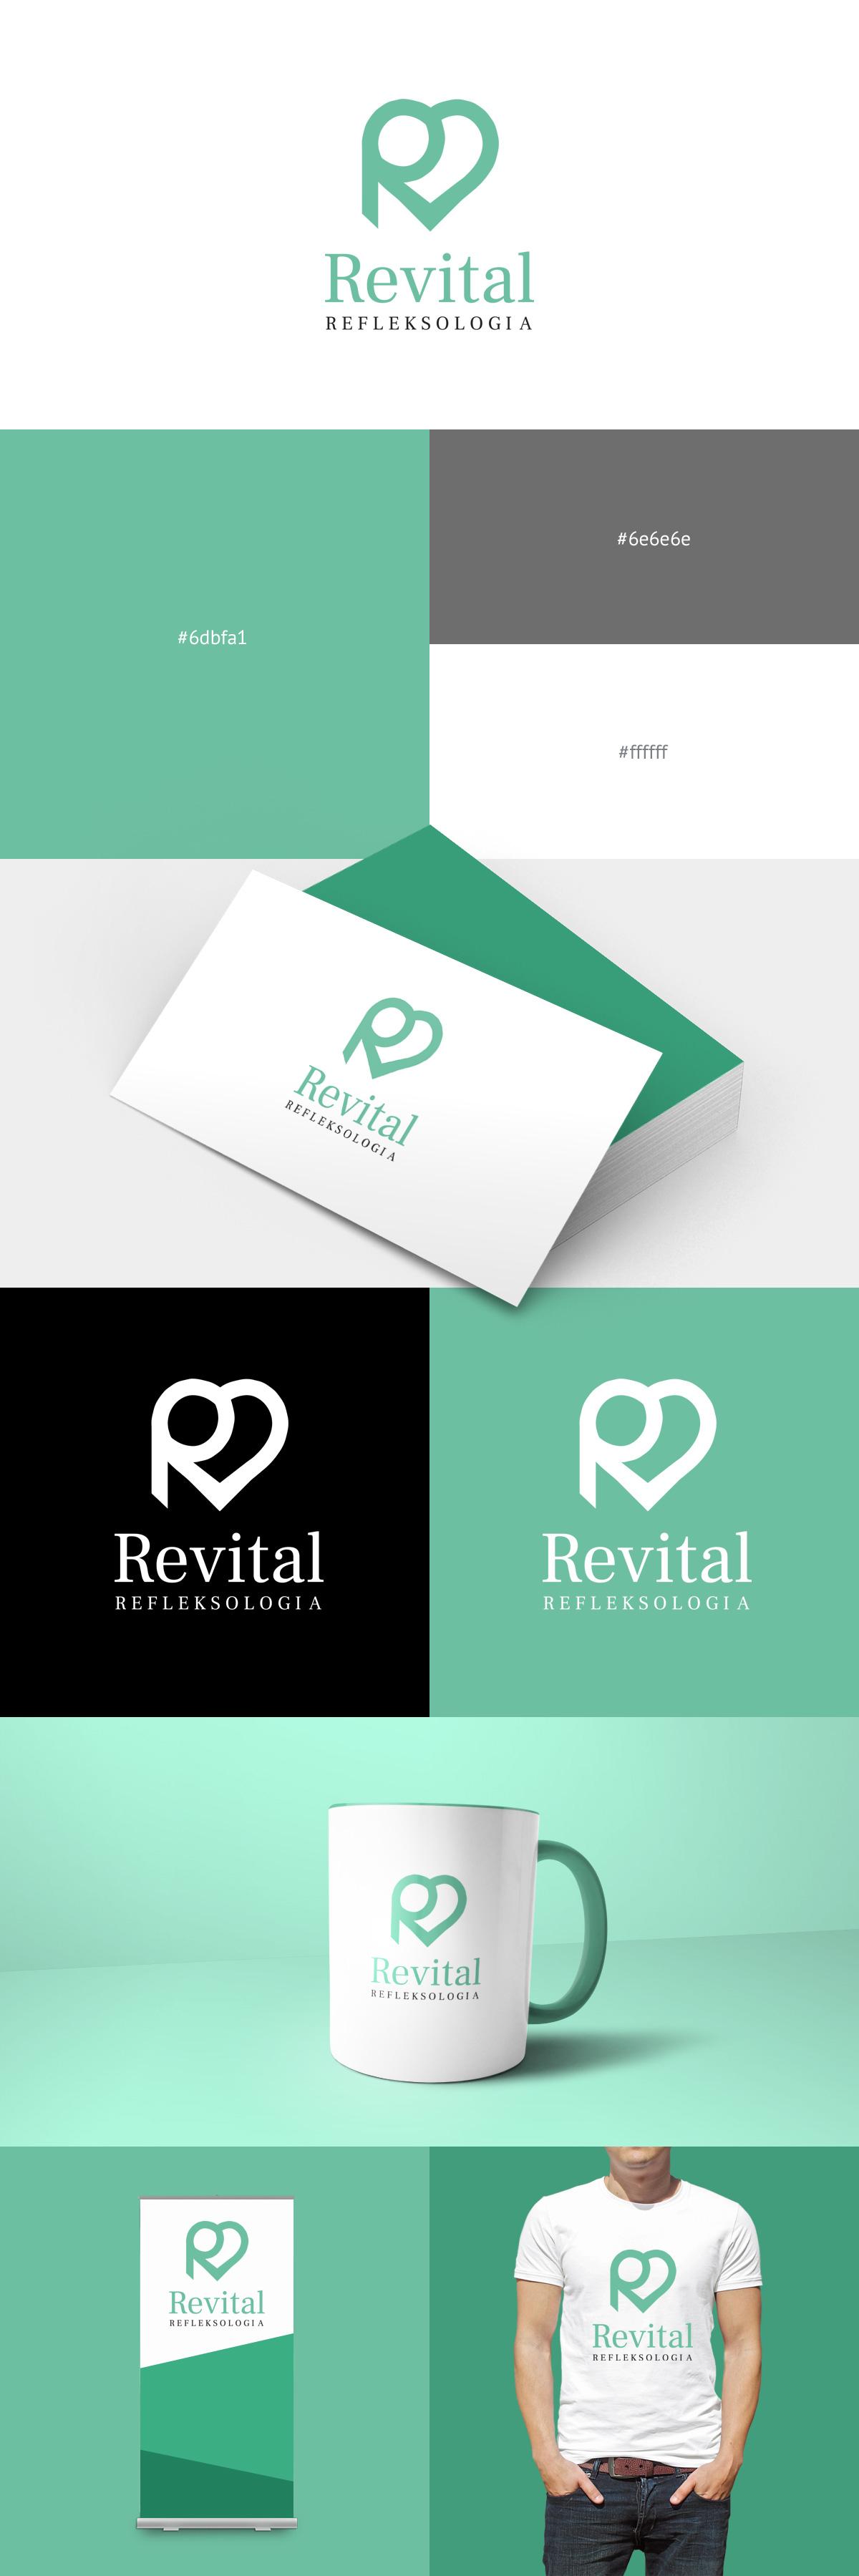 projekt-logo-dla-firmy-revital-refleksologia